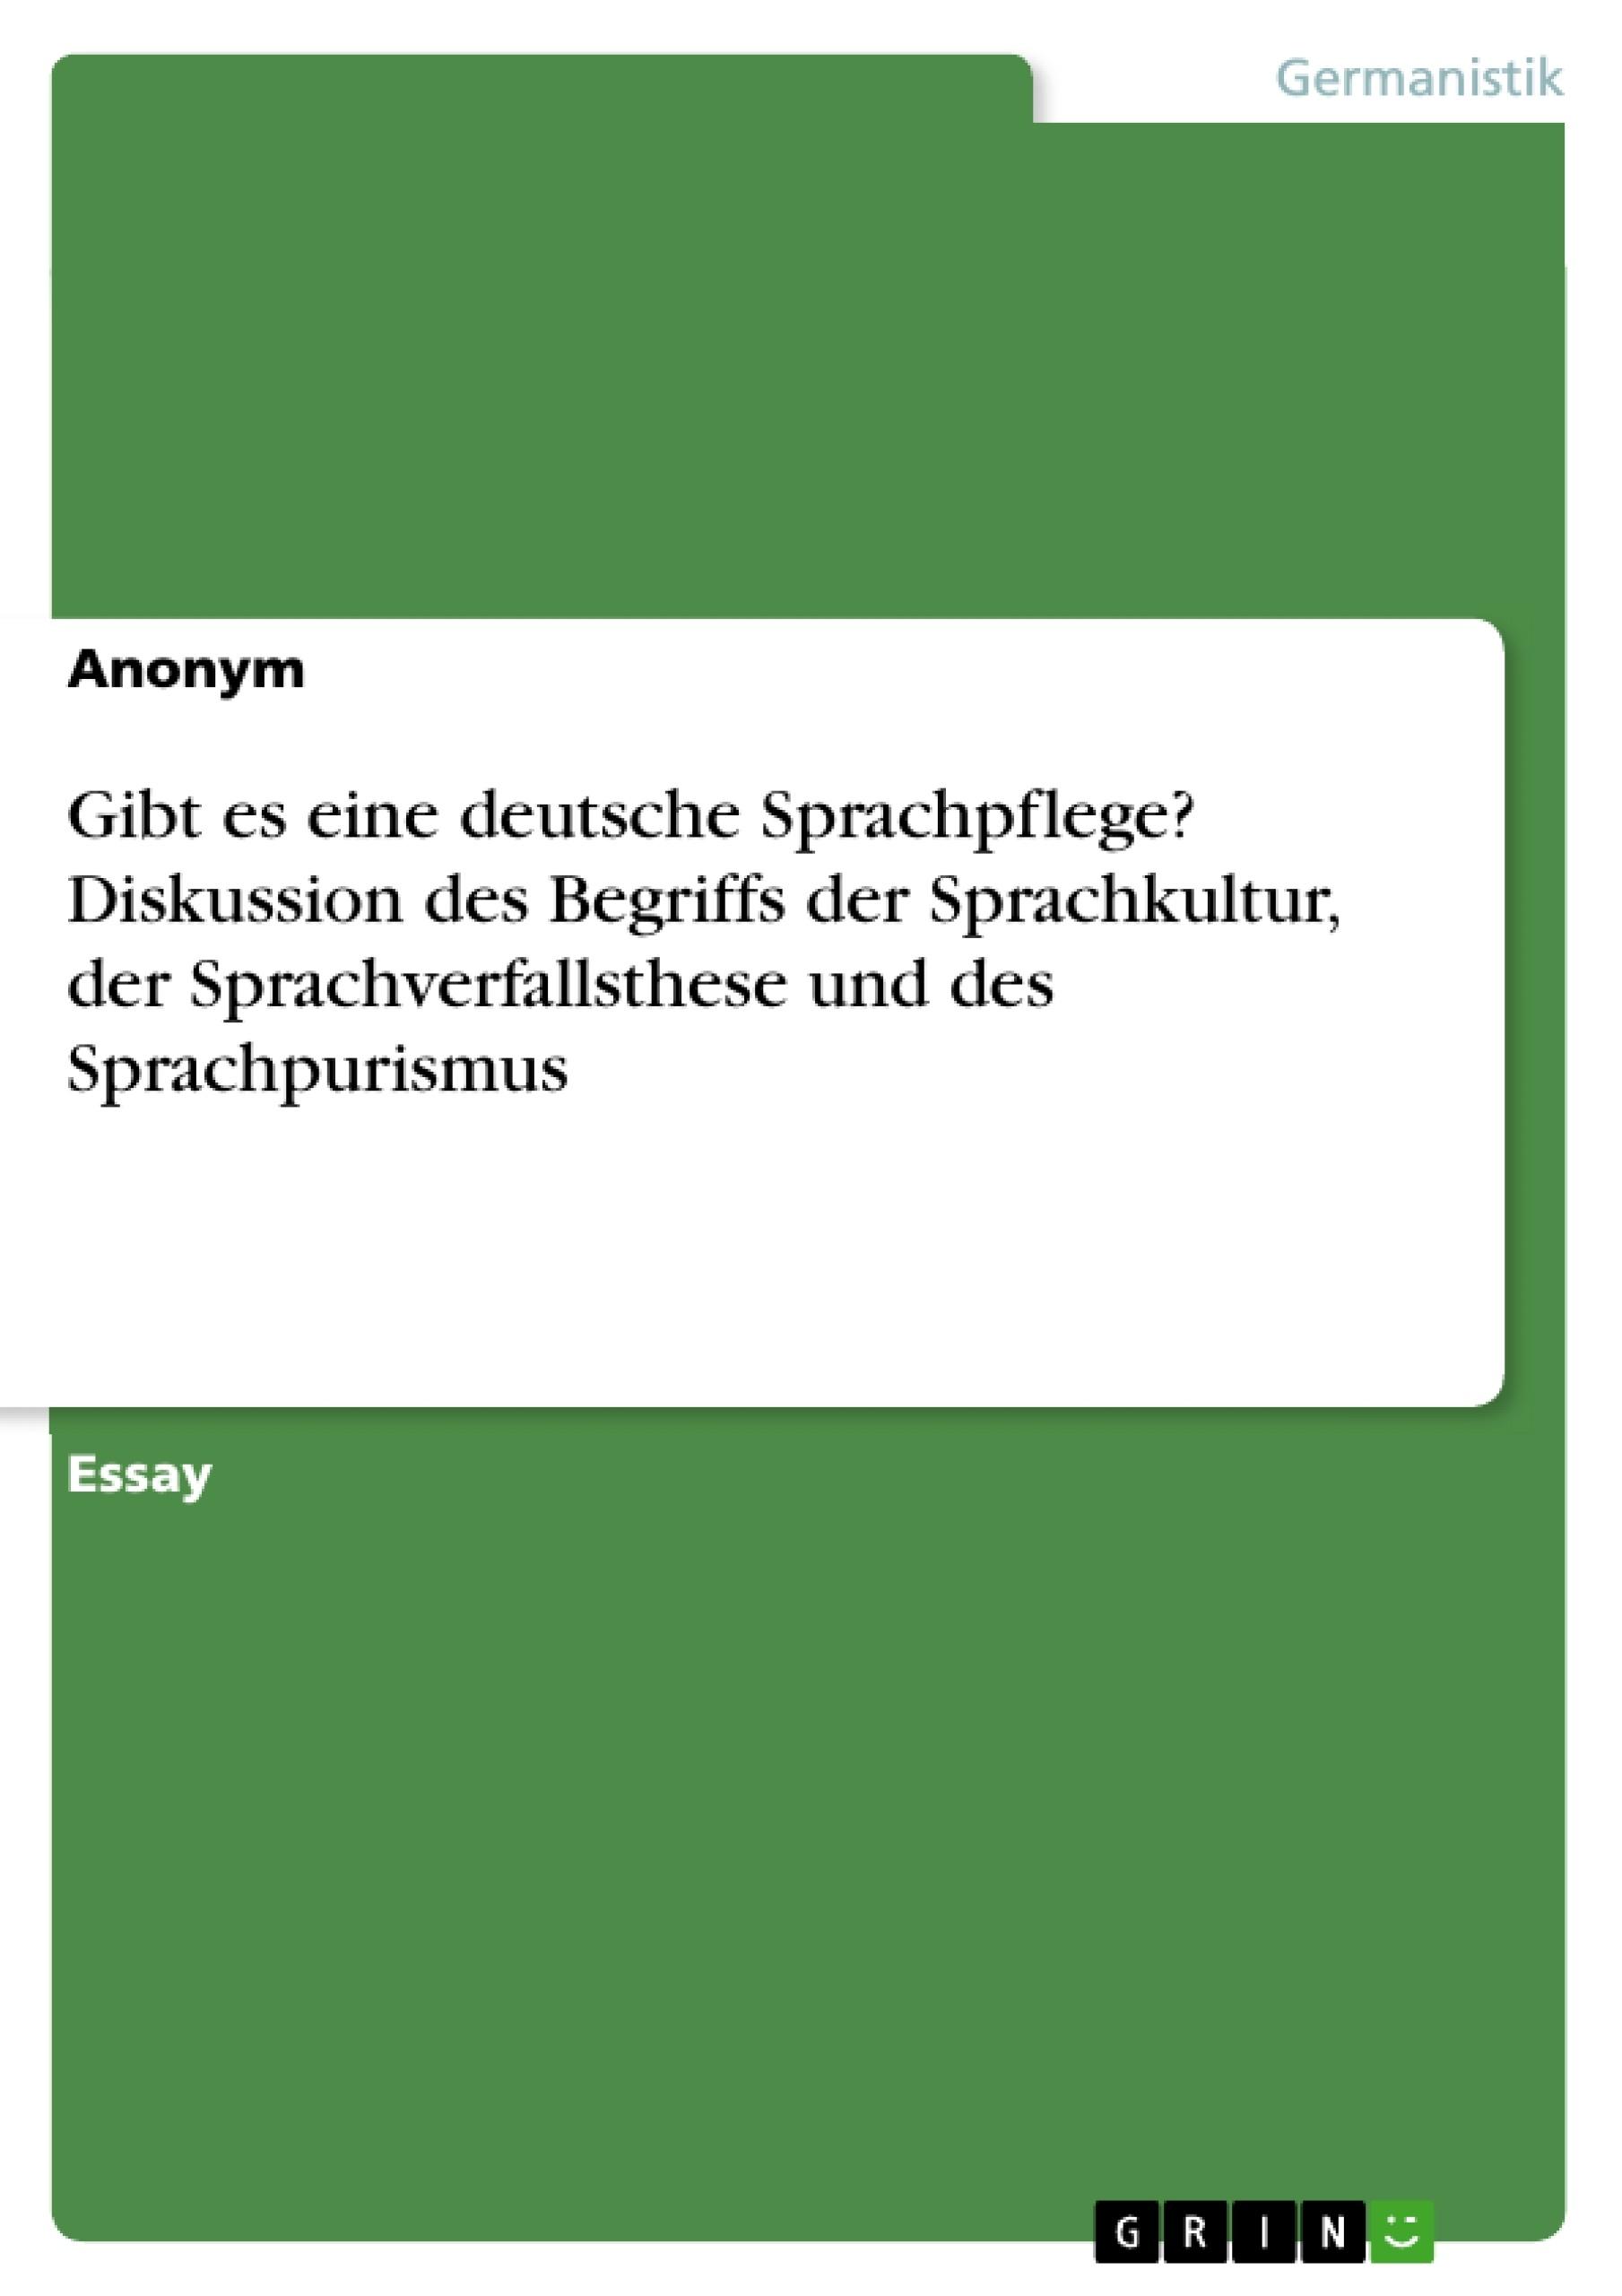 Titel: Gibt es eine deutsche Sprachpflege? Diskussion des Begriffs der Sprachkultur, der Sprachverfallsthese und des Sprachpurismus